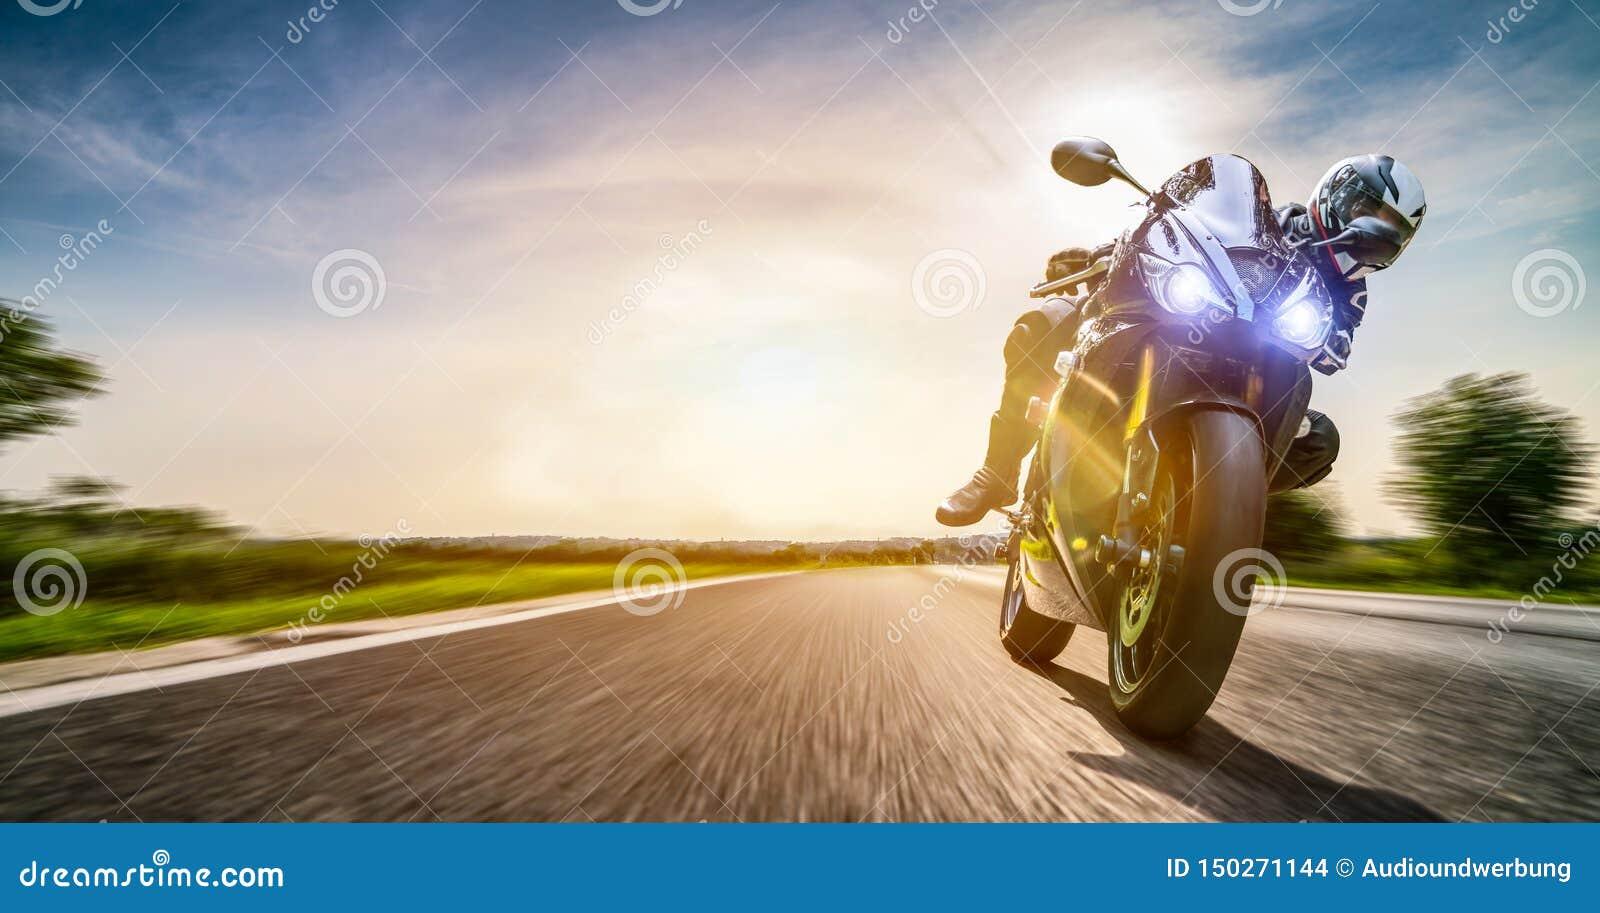 Moto en el montar a caballo del camino divertirse que monta el camino vacío en un viaje/un viaje de la motocicleta